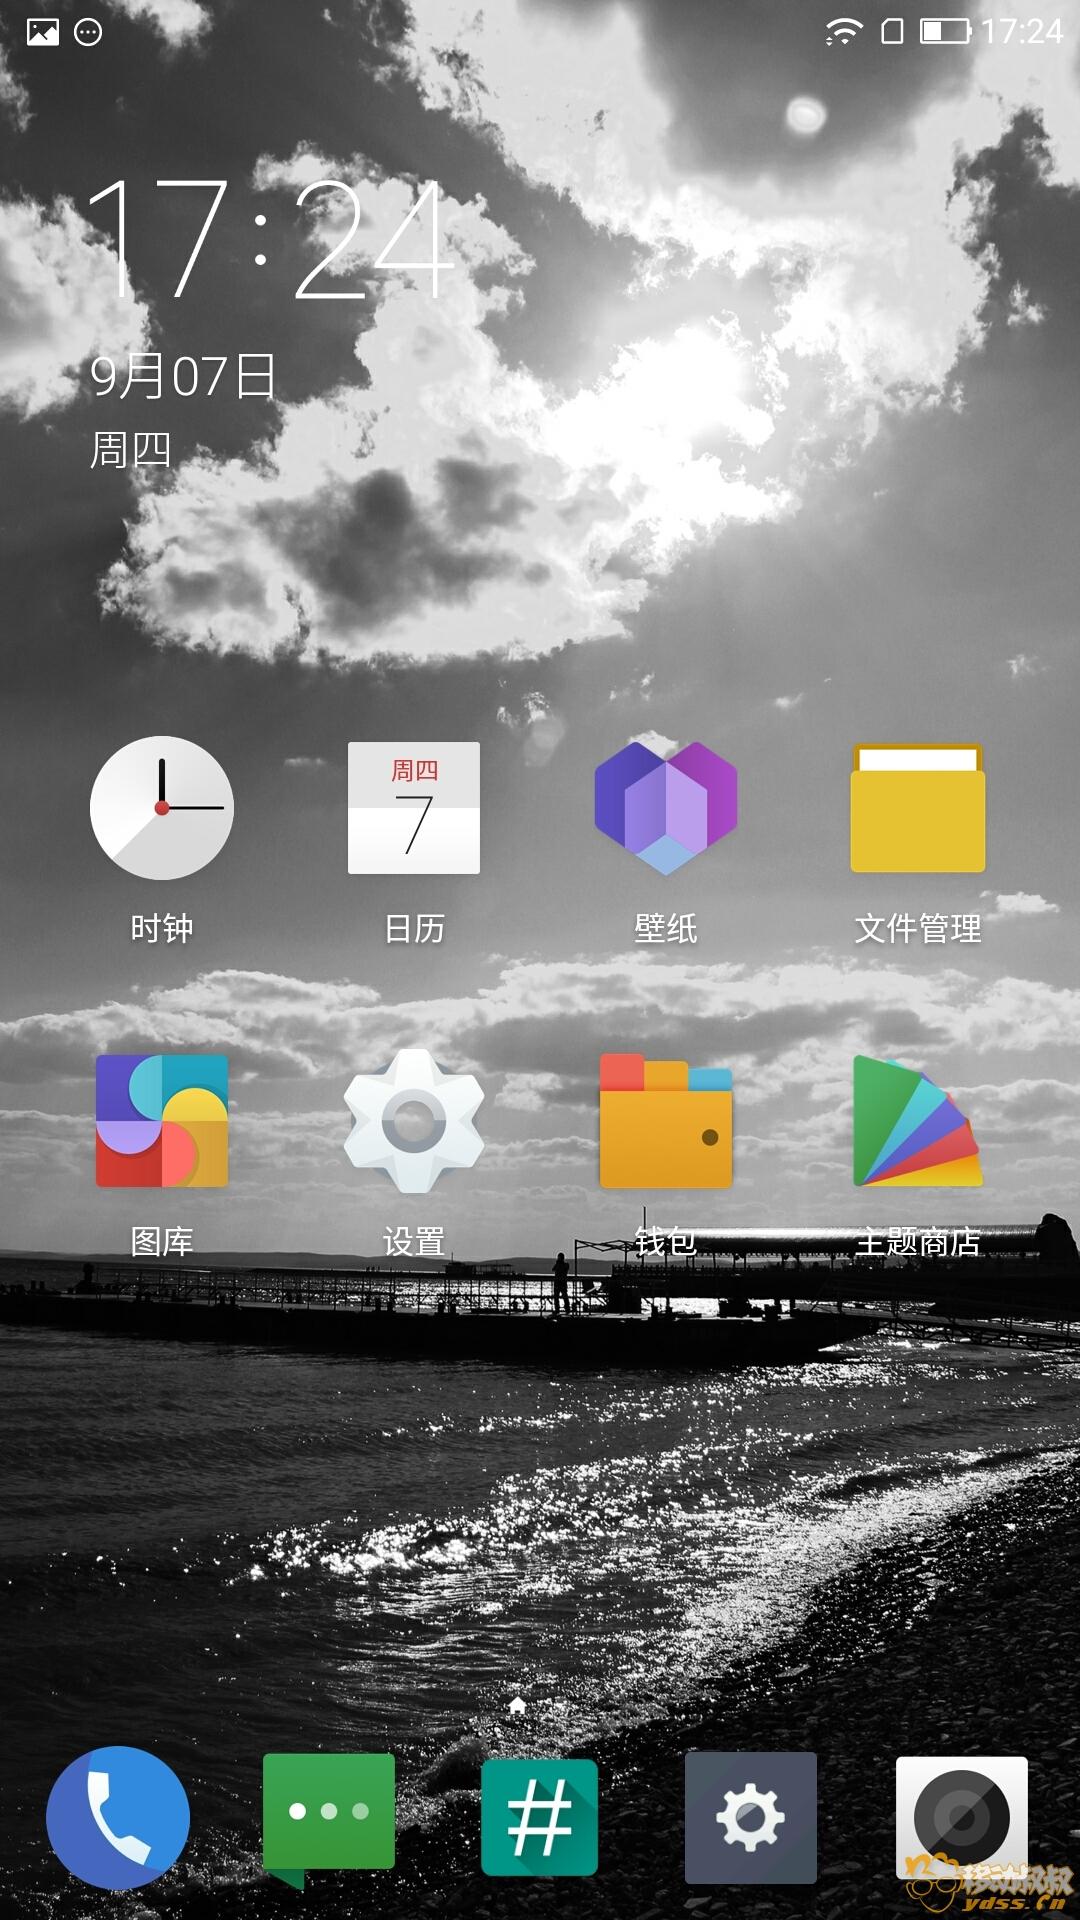 Screenshot_20170907-172430.jpg